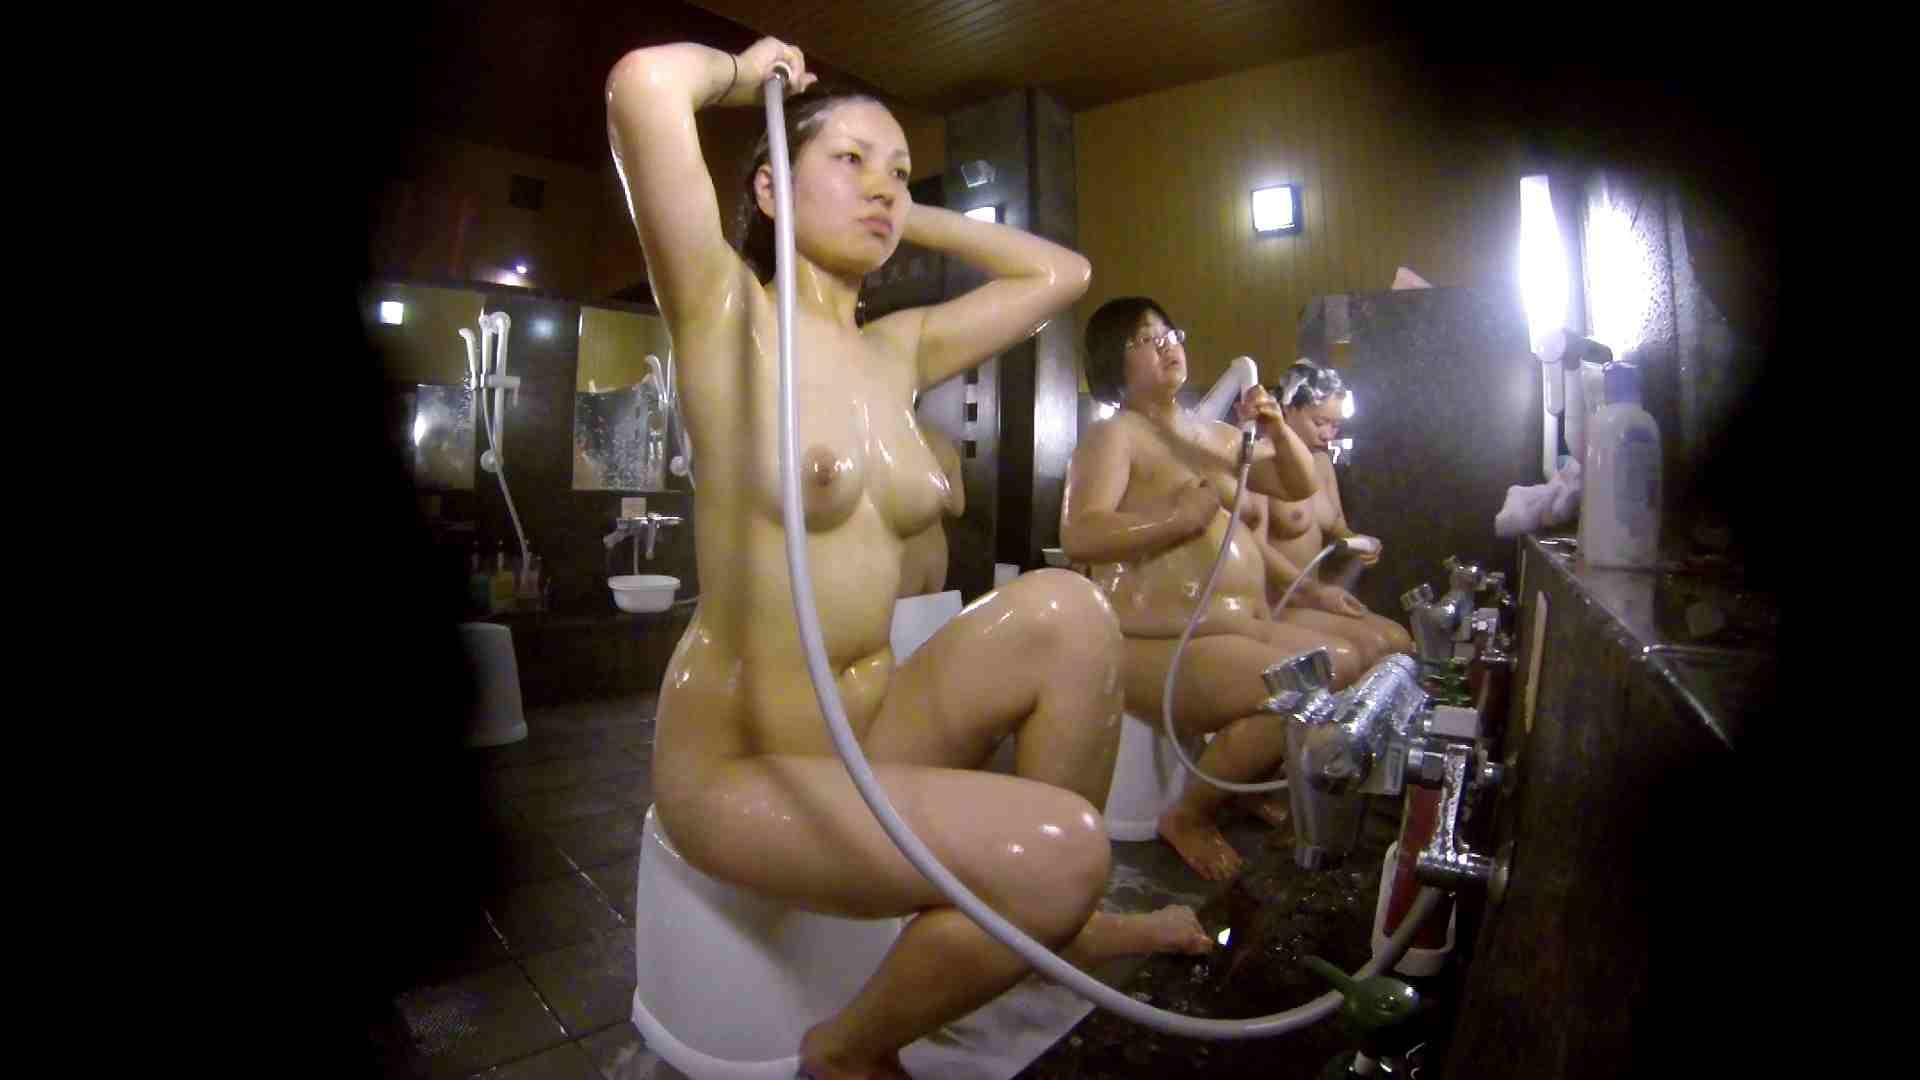 洗い場!色白でなかなかの美巨乳。柔らかく揺れまくりです 銭湯 盗み撮りオマンコ動画キャプチャ 92pic 29